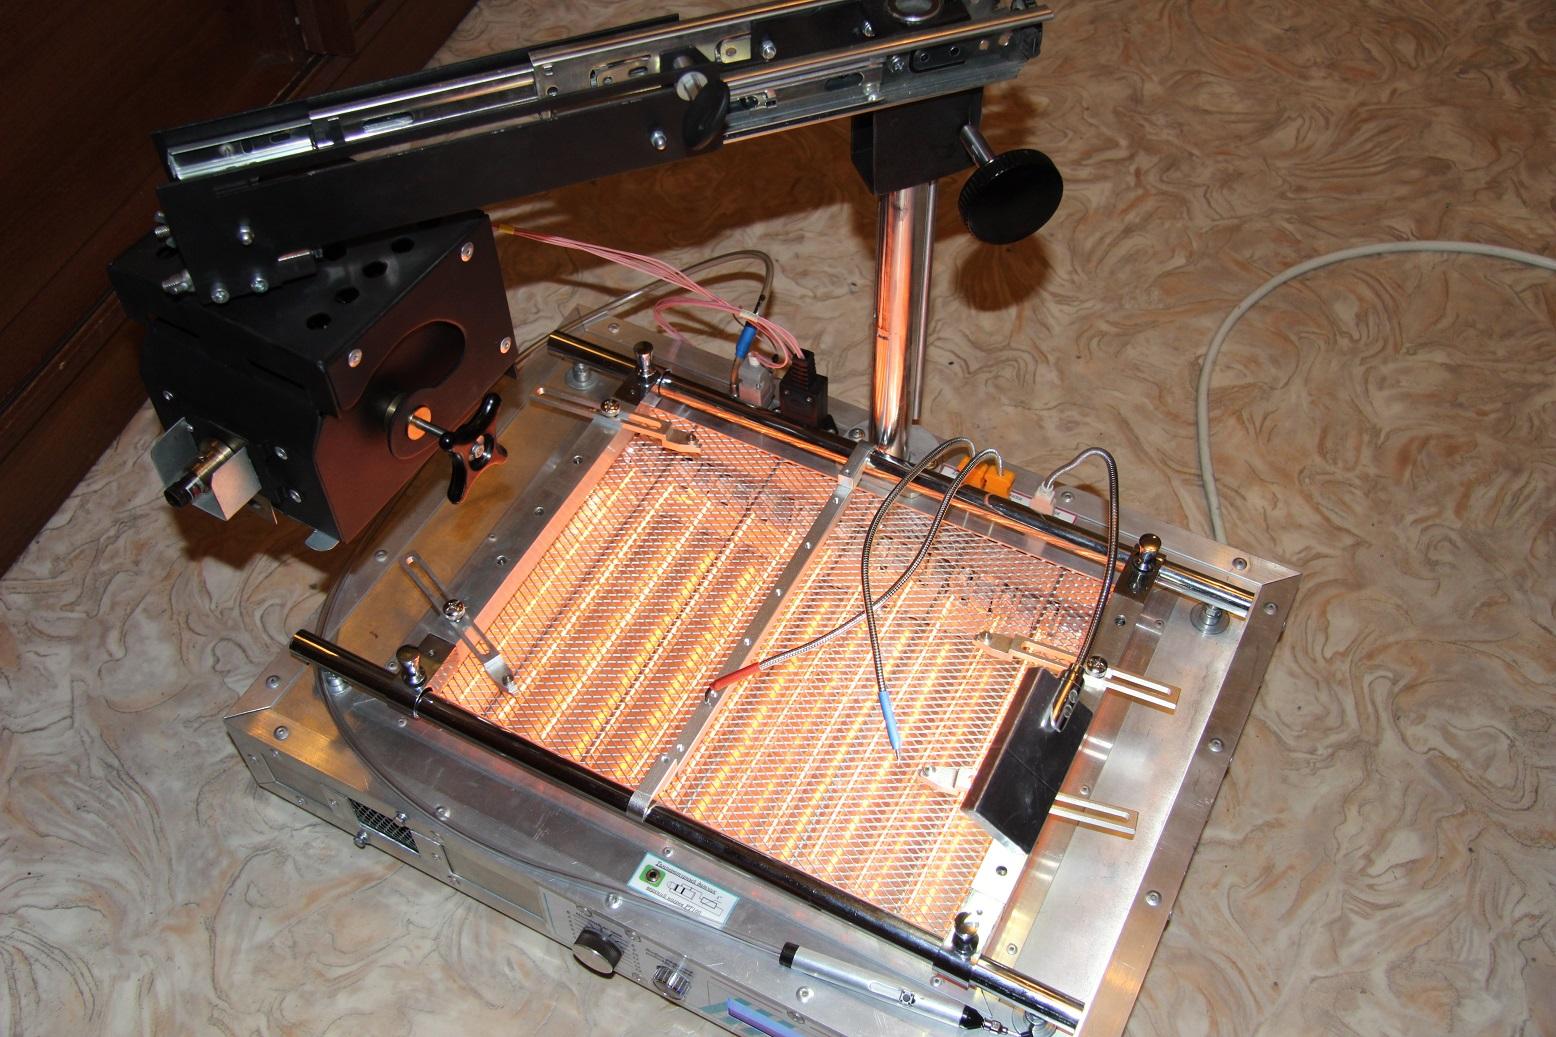 Паяльная станция, сделанная своими руками: инфракрасный нагреватель из прикуривателя и термовоздушный фен